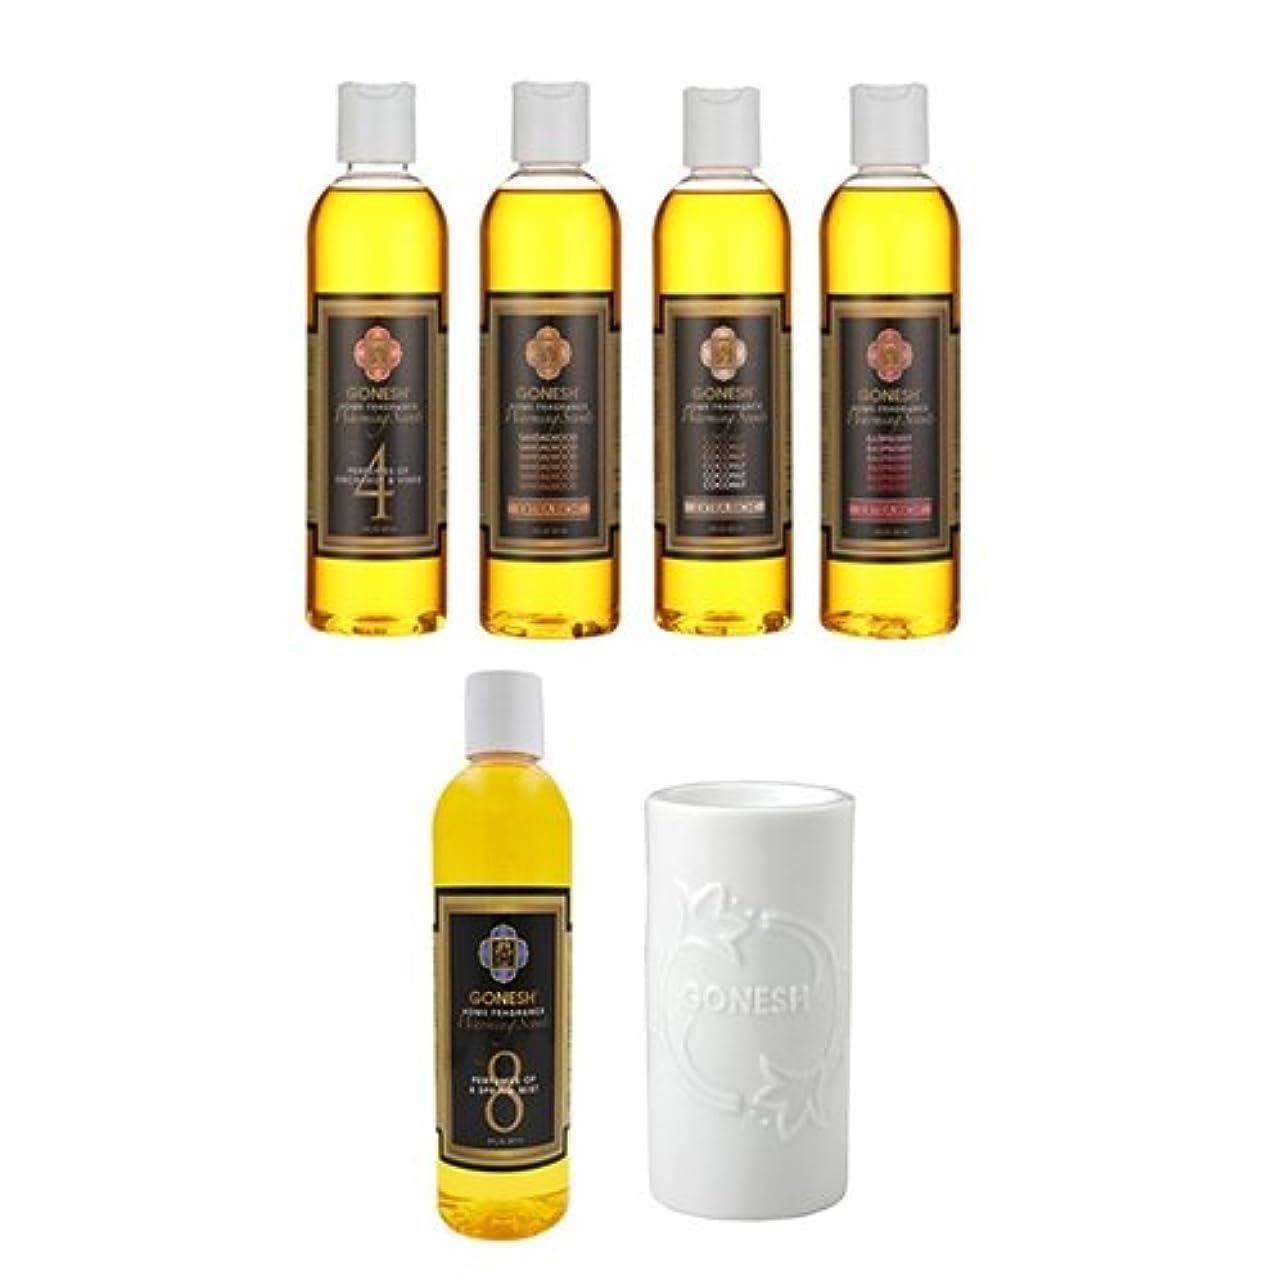 とても多くの廃止する論理的ガーネッシュ GONESH ウォーミングセント5つ(No.4、8、COCONUT、RASPBERRY、SANDALWOOD) の香りが楽しめるアロマバーナーセット 日本国内正規品